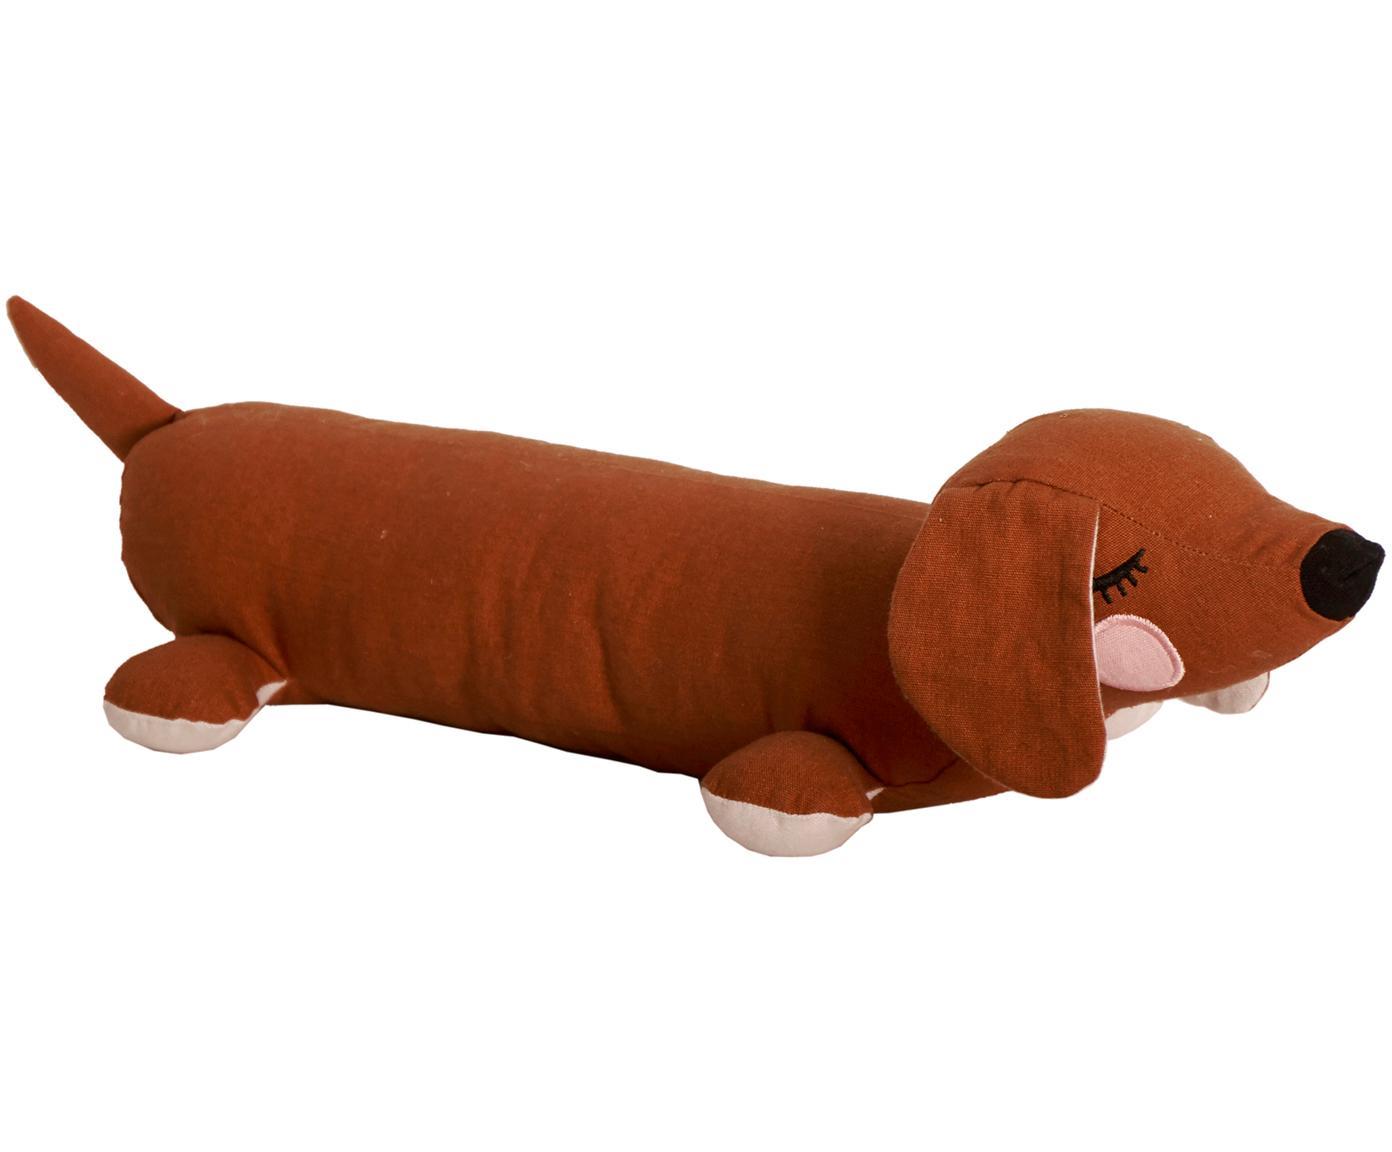 Przytulanka z bawełny organicznej  Lazy Puppy, Brązowy, S 50 x W 10 cm